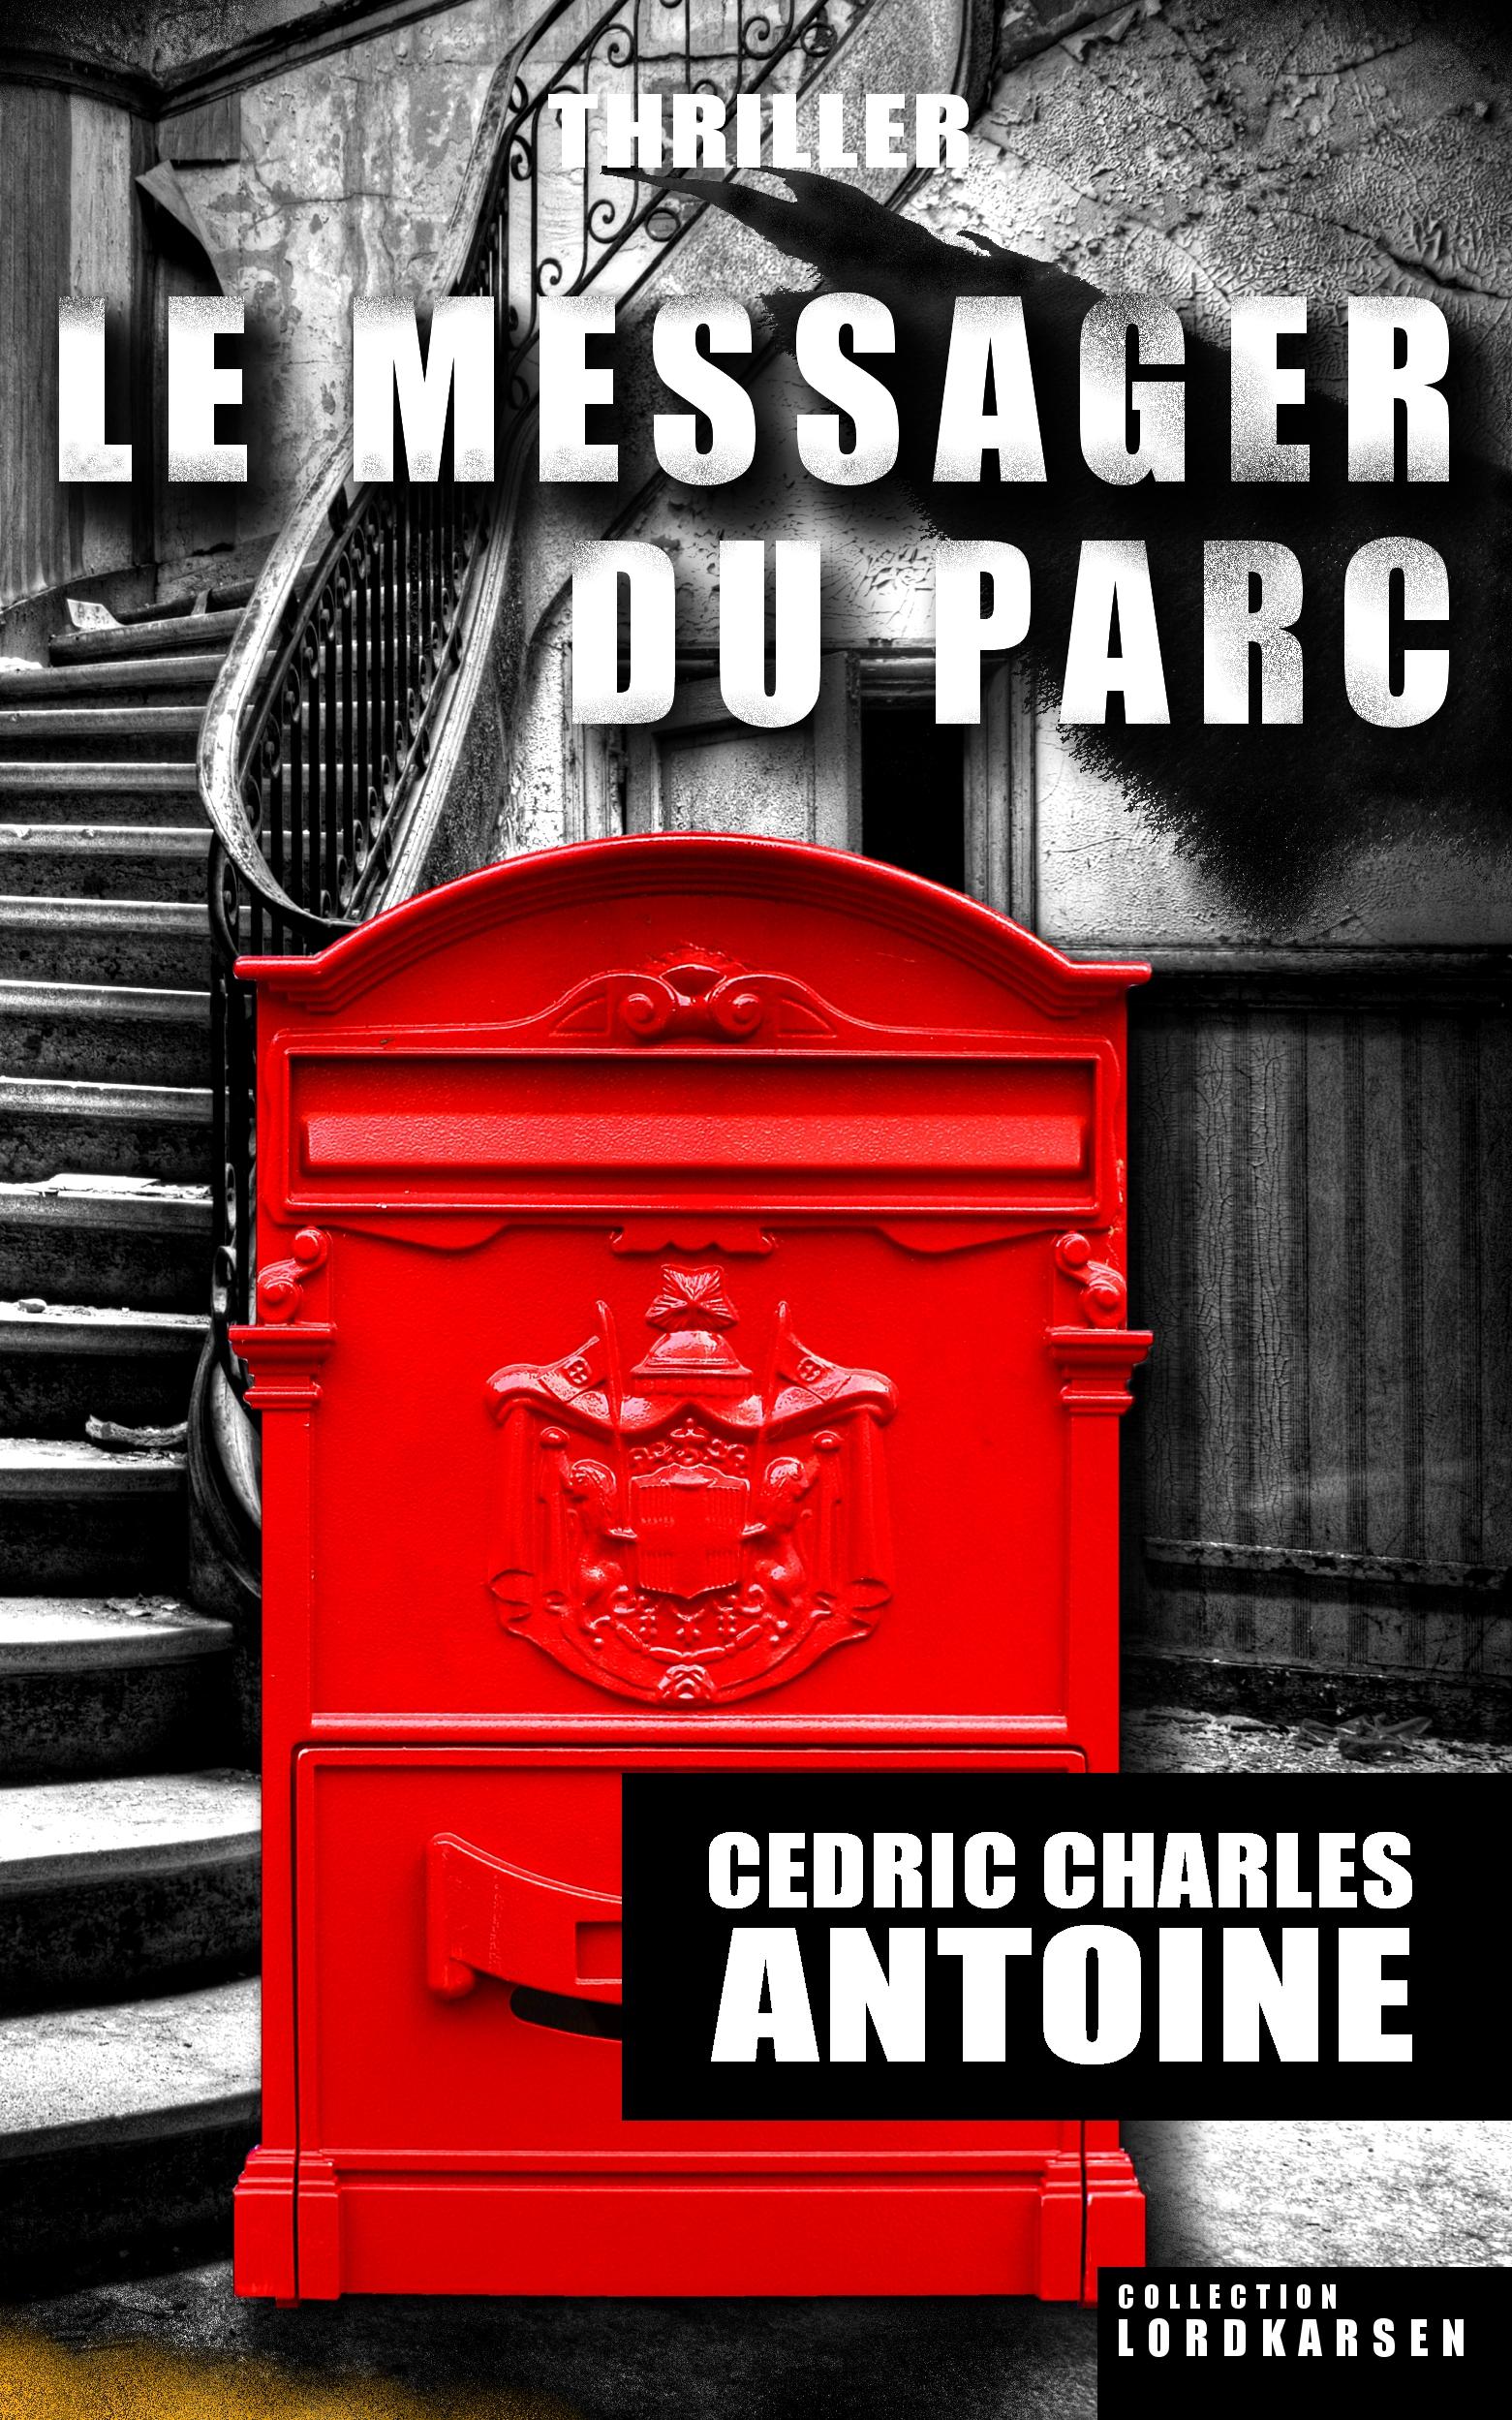 Le Messager du parc - Cédric Charles ANTOINE